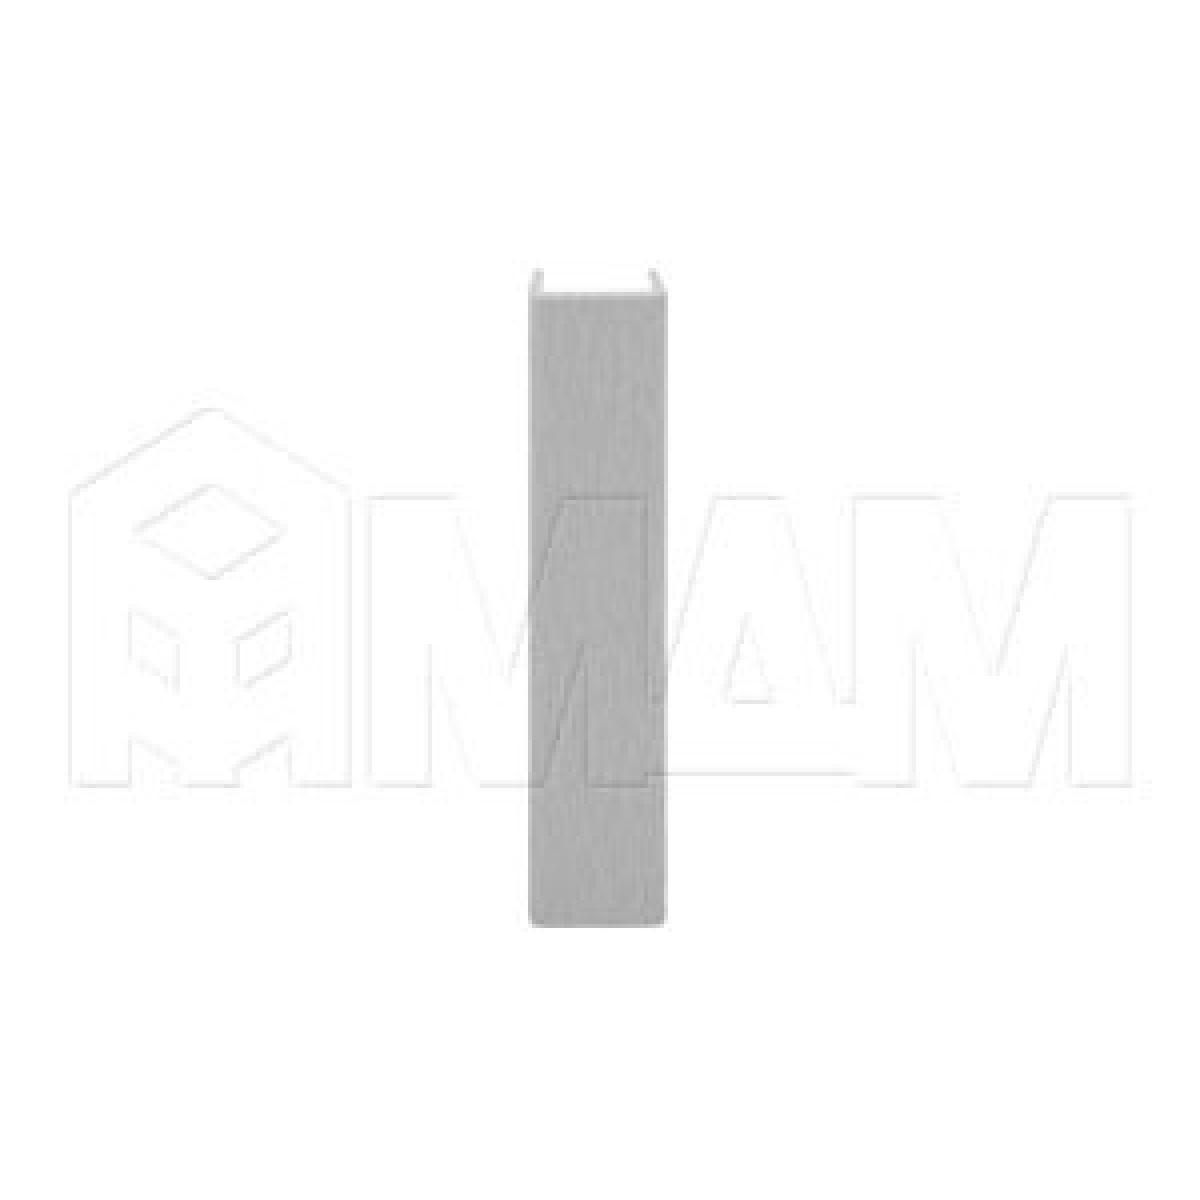 Цоколи пластиковые - Конечный элемент (высота 100), нержавеющая сталь